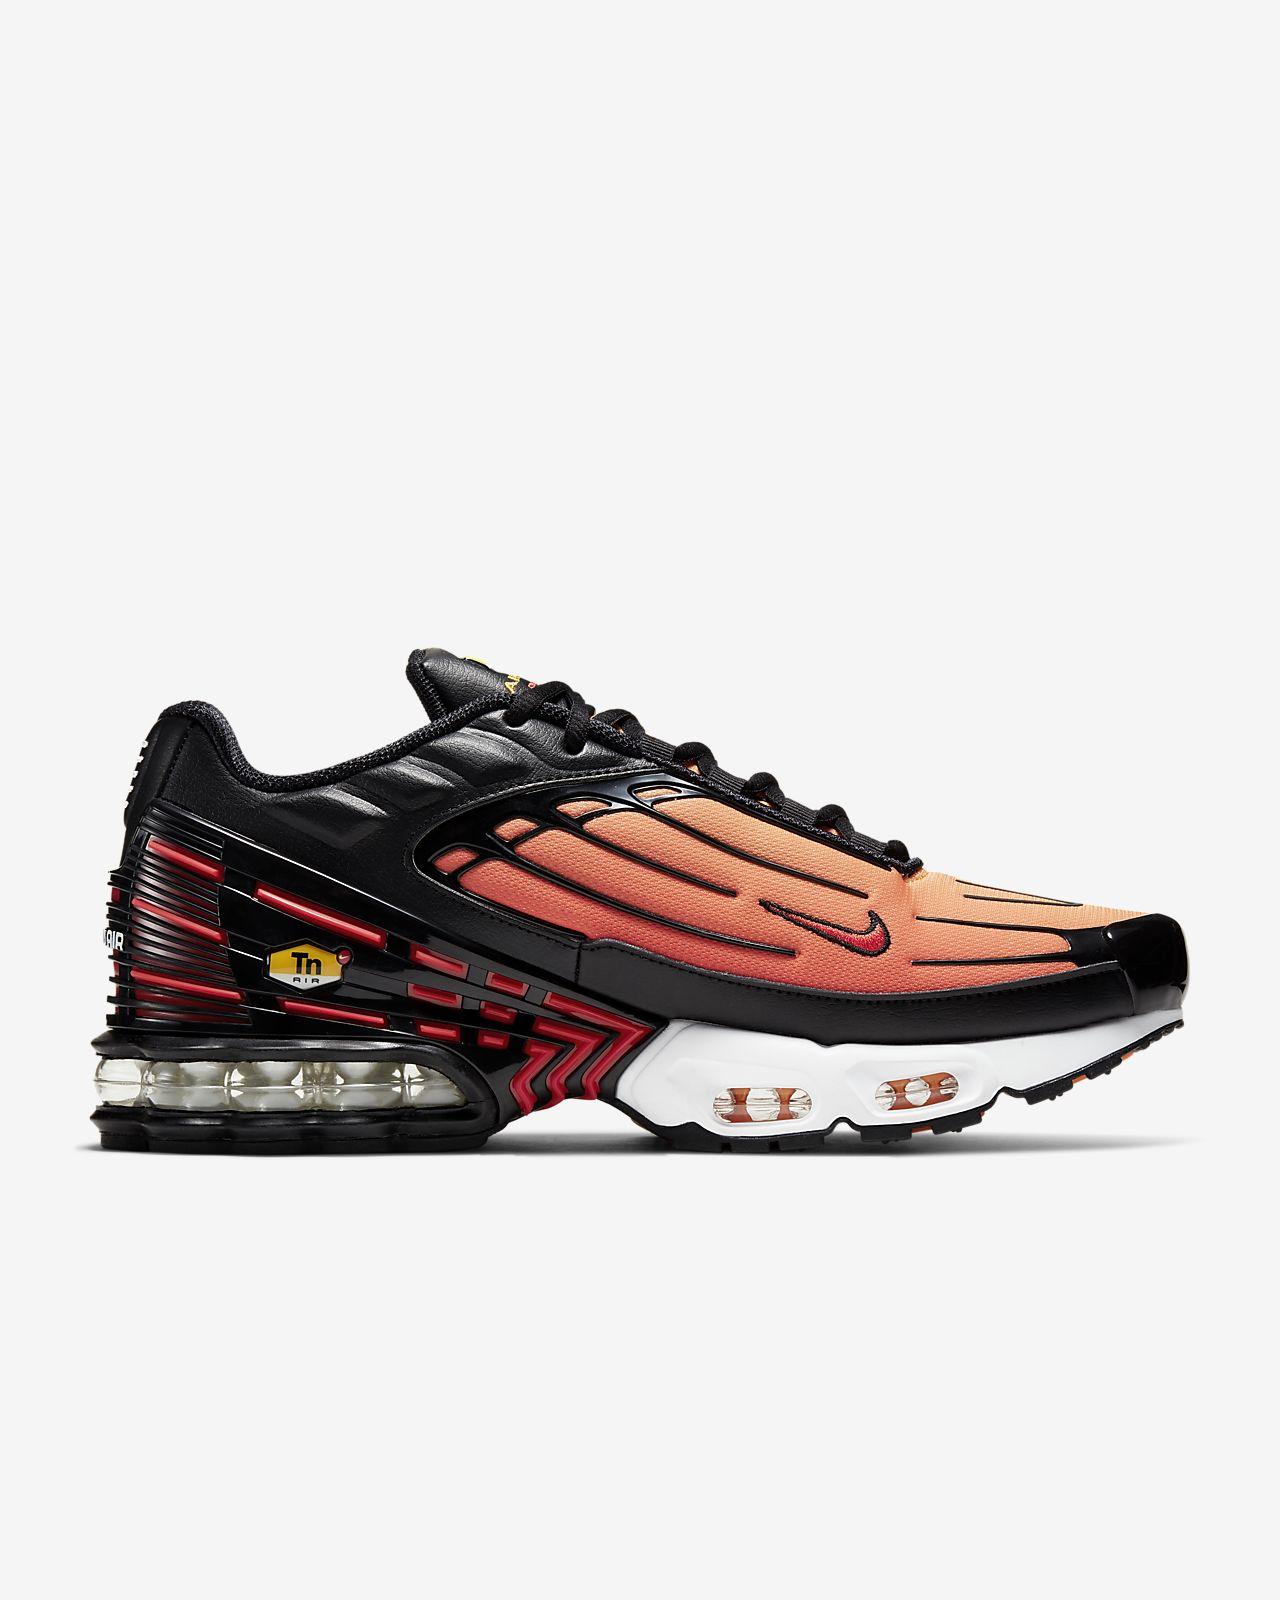 Nike Air Max Plus (Oreo)   Mens gym shoes, Nike air max plus